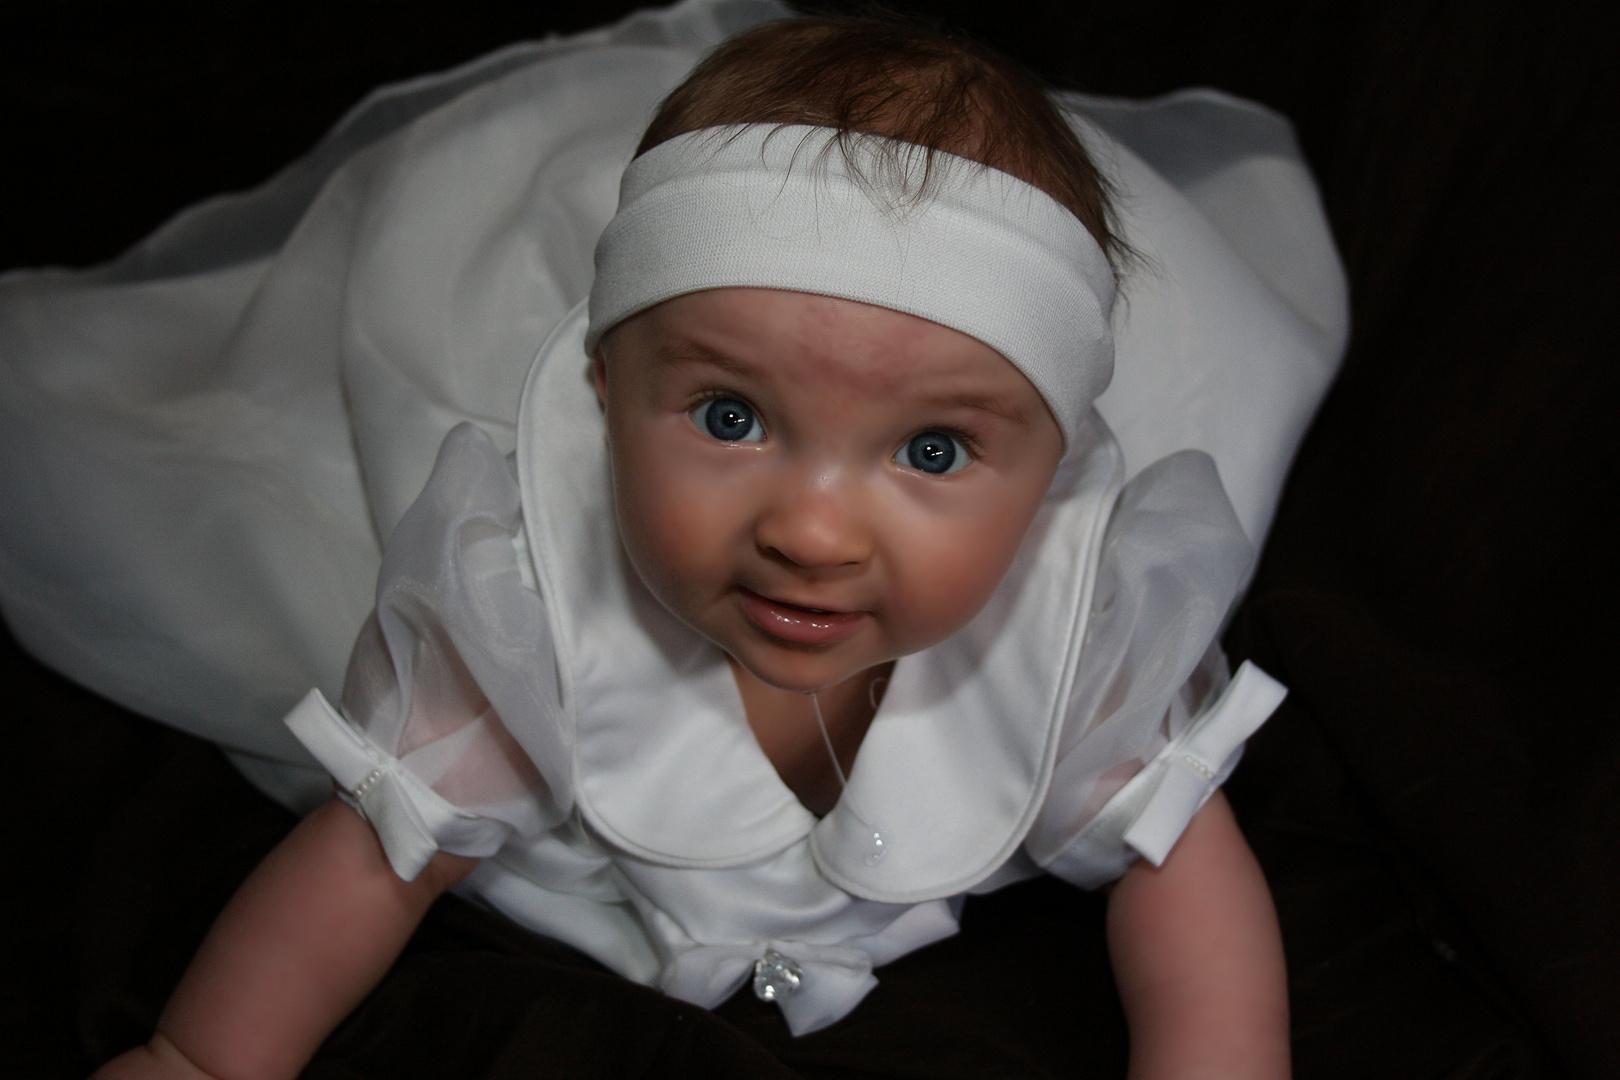 Unsere Prinzessin an Ihrer Taufe